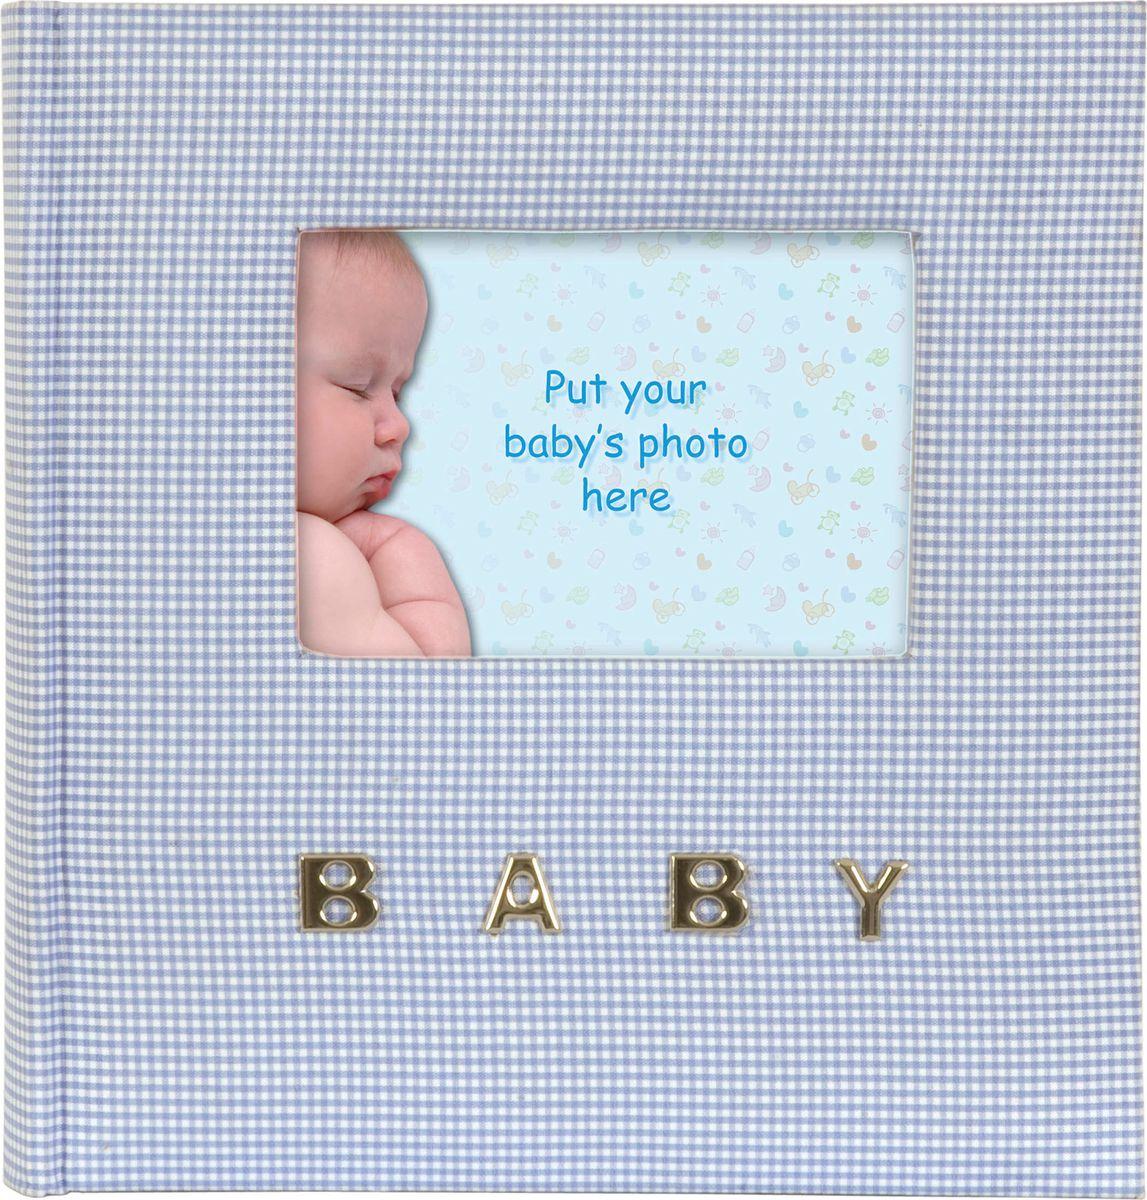 Фотоальбом Innova Baby Gingham, цвет: голубой, 100 фотографий, 10 x 15 см. Q9306338Q9306338Детский фотоальбом Innova имеет обложку из текстиля. Альбом рассчитан на 100 фотографий форматом 10 х 15 см. Для фотографий предусмотрено поледля записей. Страницы изготовлены из плотной бумаги и скреплены книжнымпереплетом.Фотоальбом являетсяуниверсальным подарком к любому празднику.Родным, близким и просто знакомым будетприятно помещать фотографии в этот альбом.